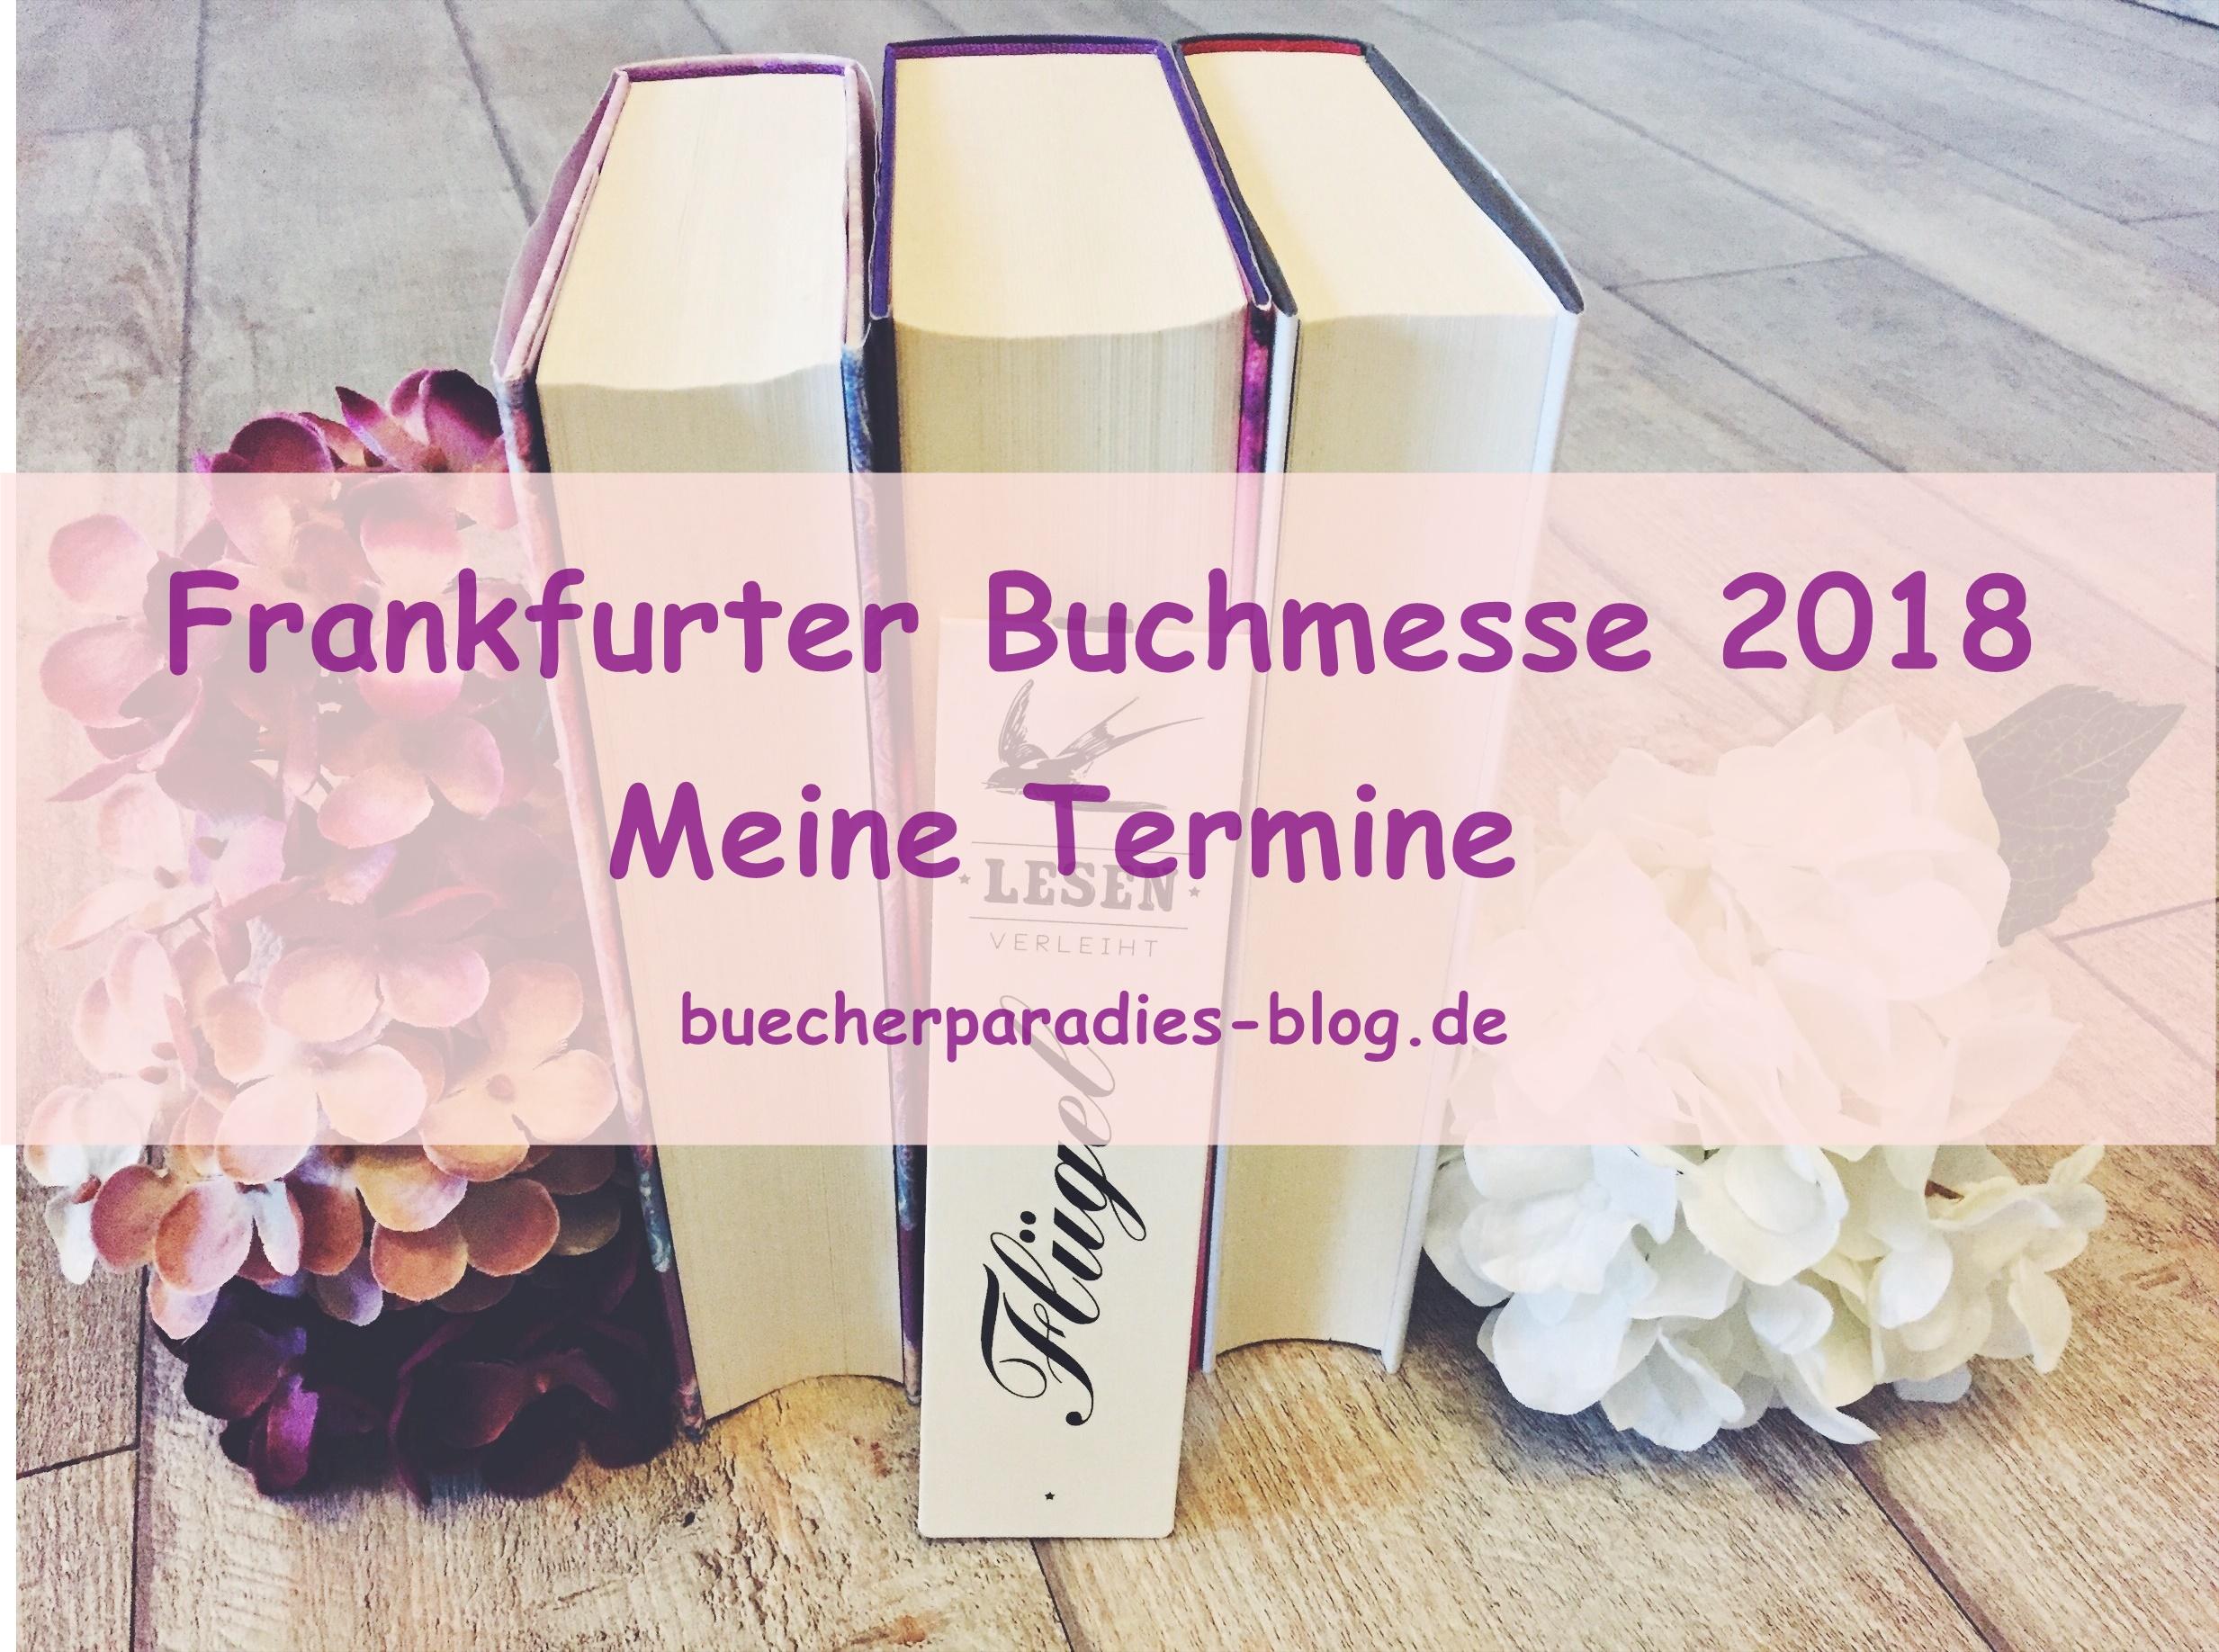 Frankfurter Buchmesse  2018 – Meine Termine